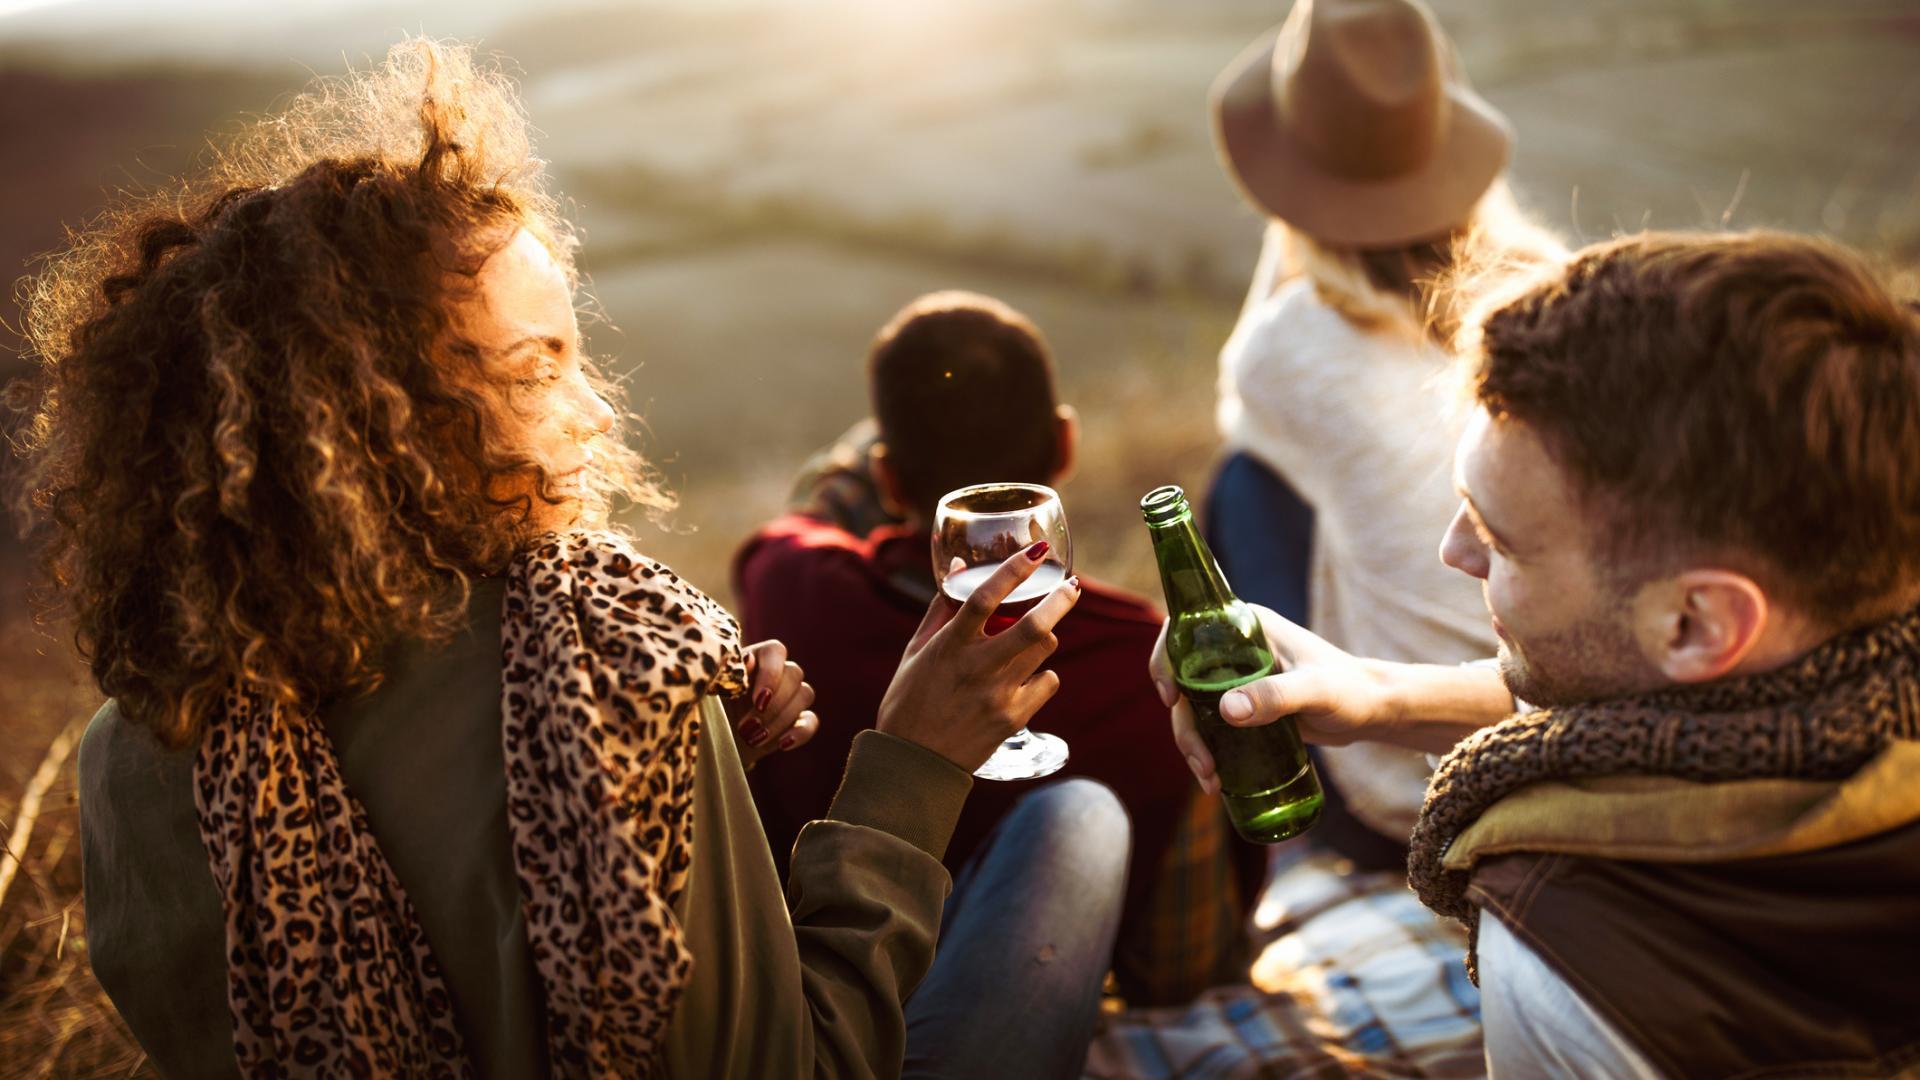 Gruppe trinkt zusammen Alkohol